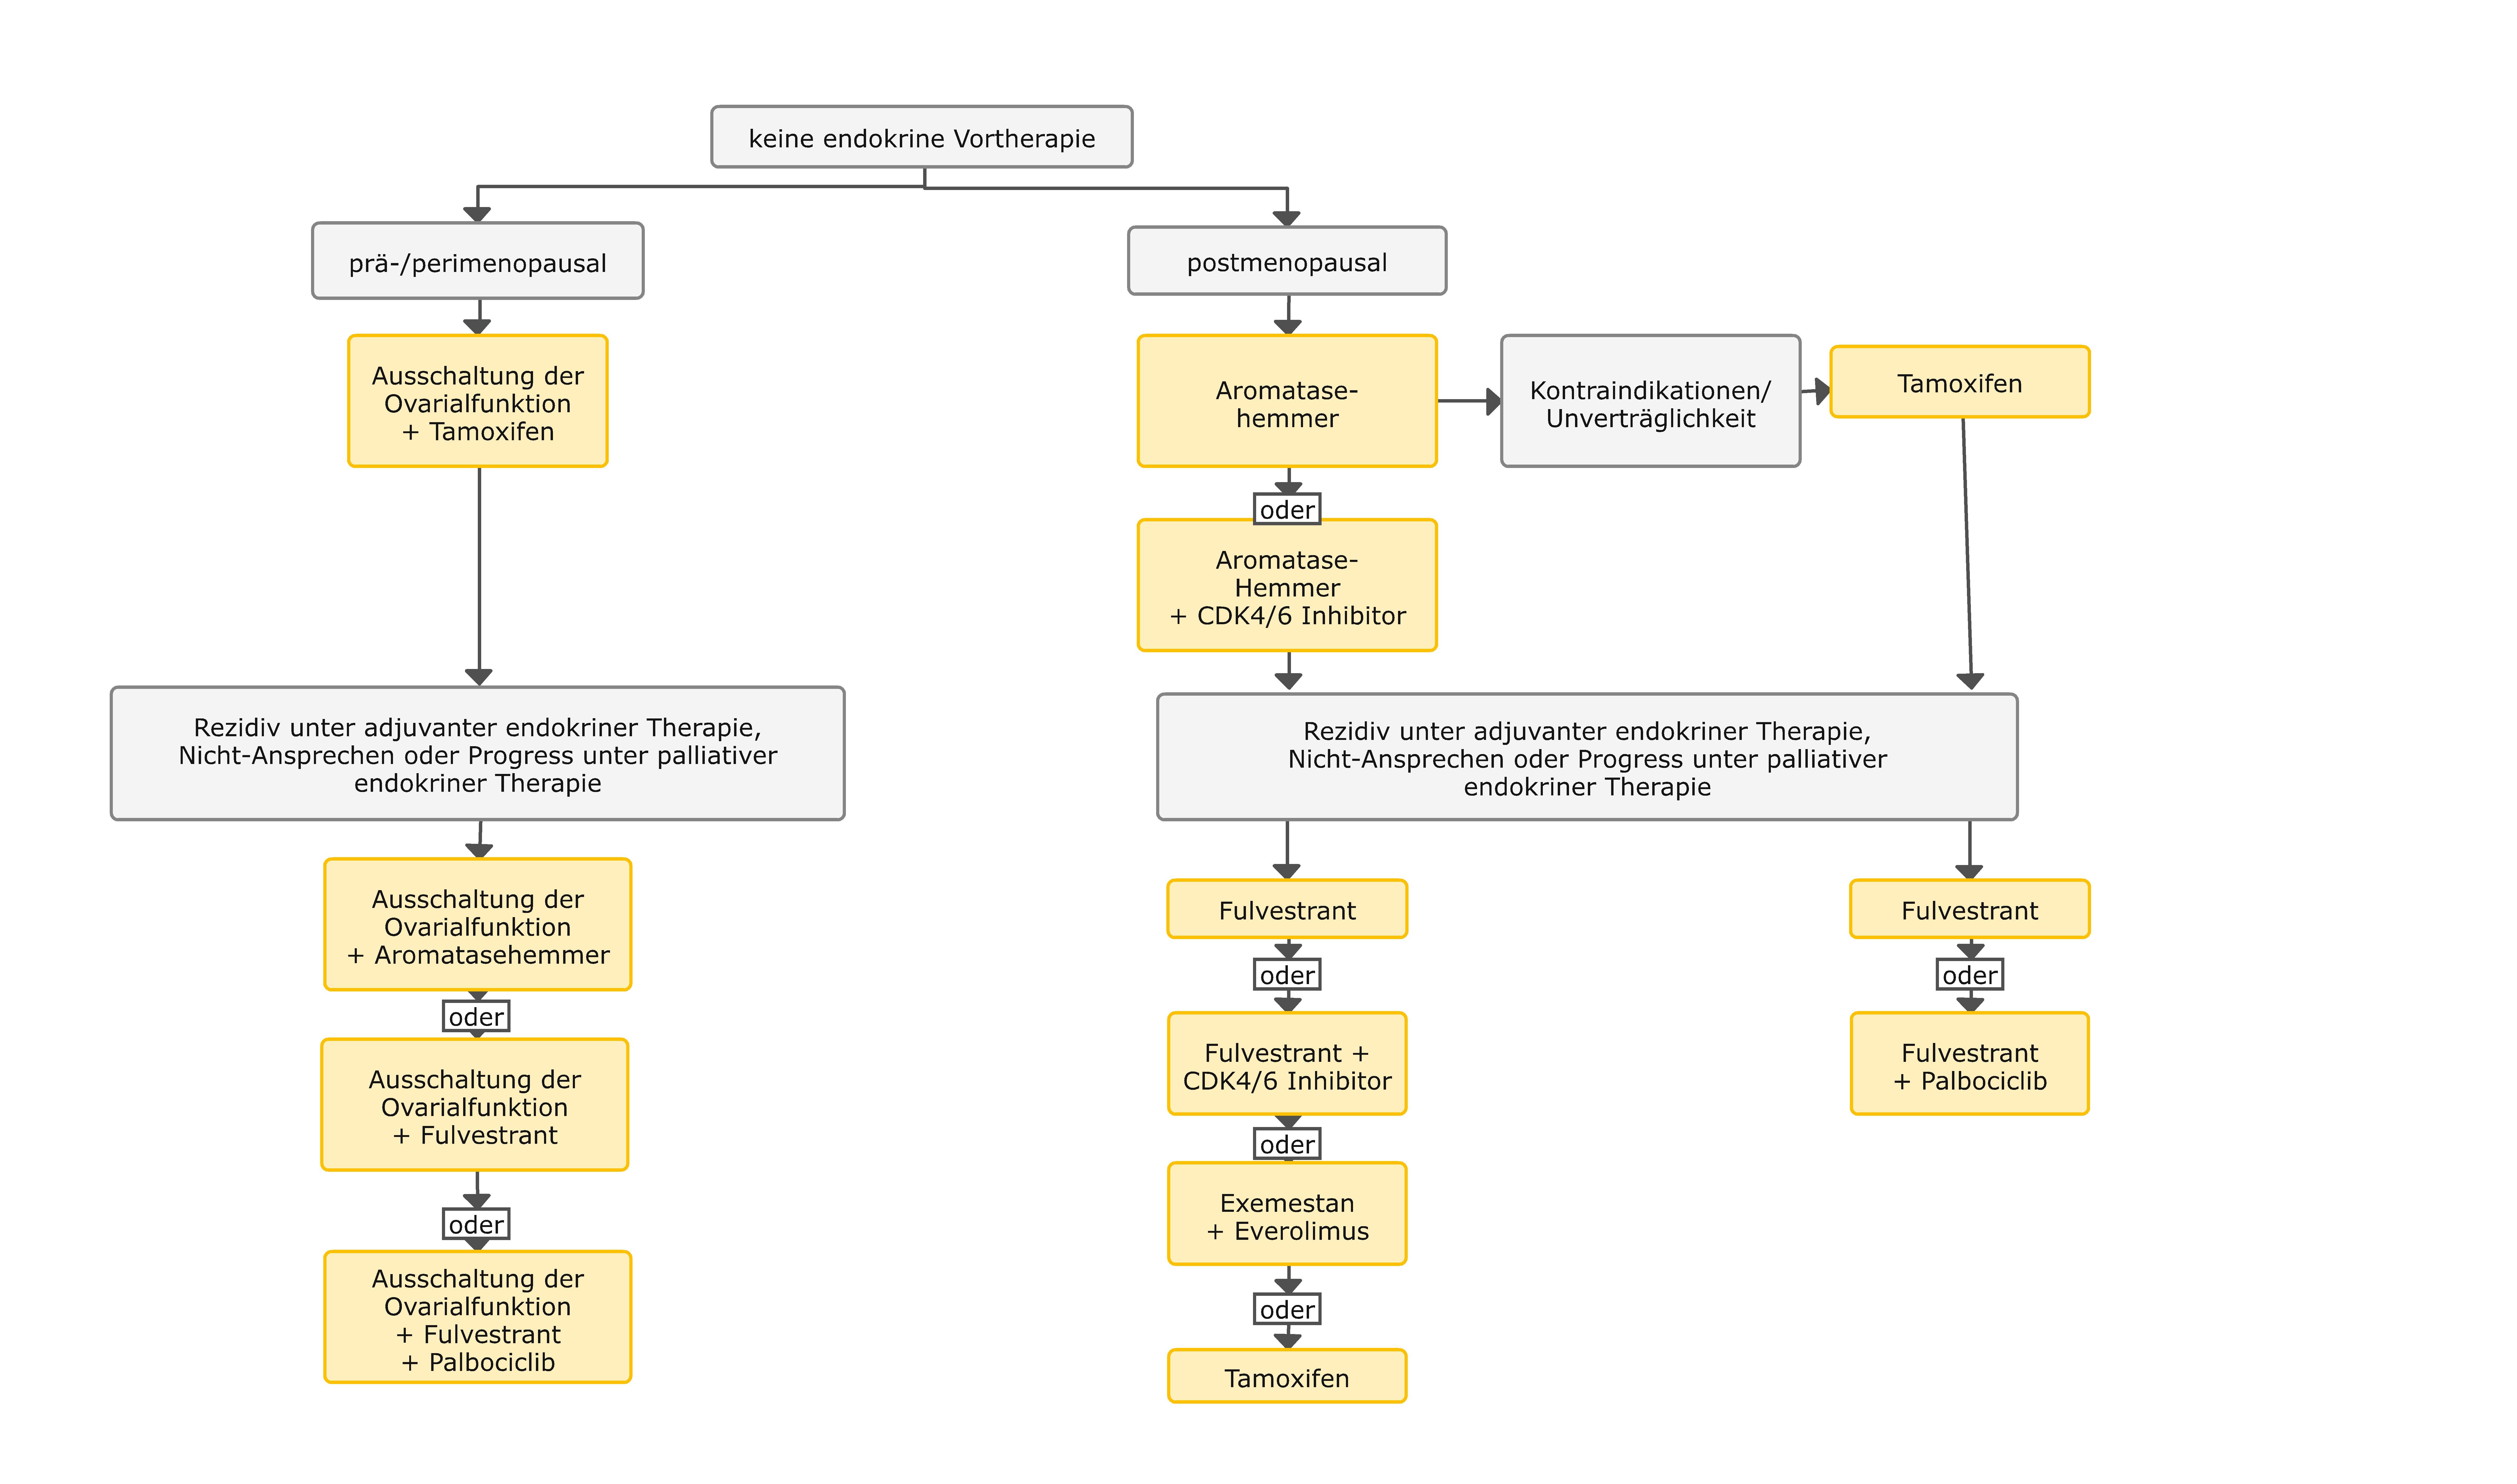 Algorithmus für die endokrine Therapie bei HR positivem, fortgeschrittenem oder metastasiertem Mammakarzinom